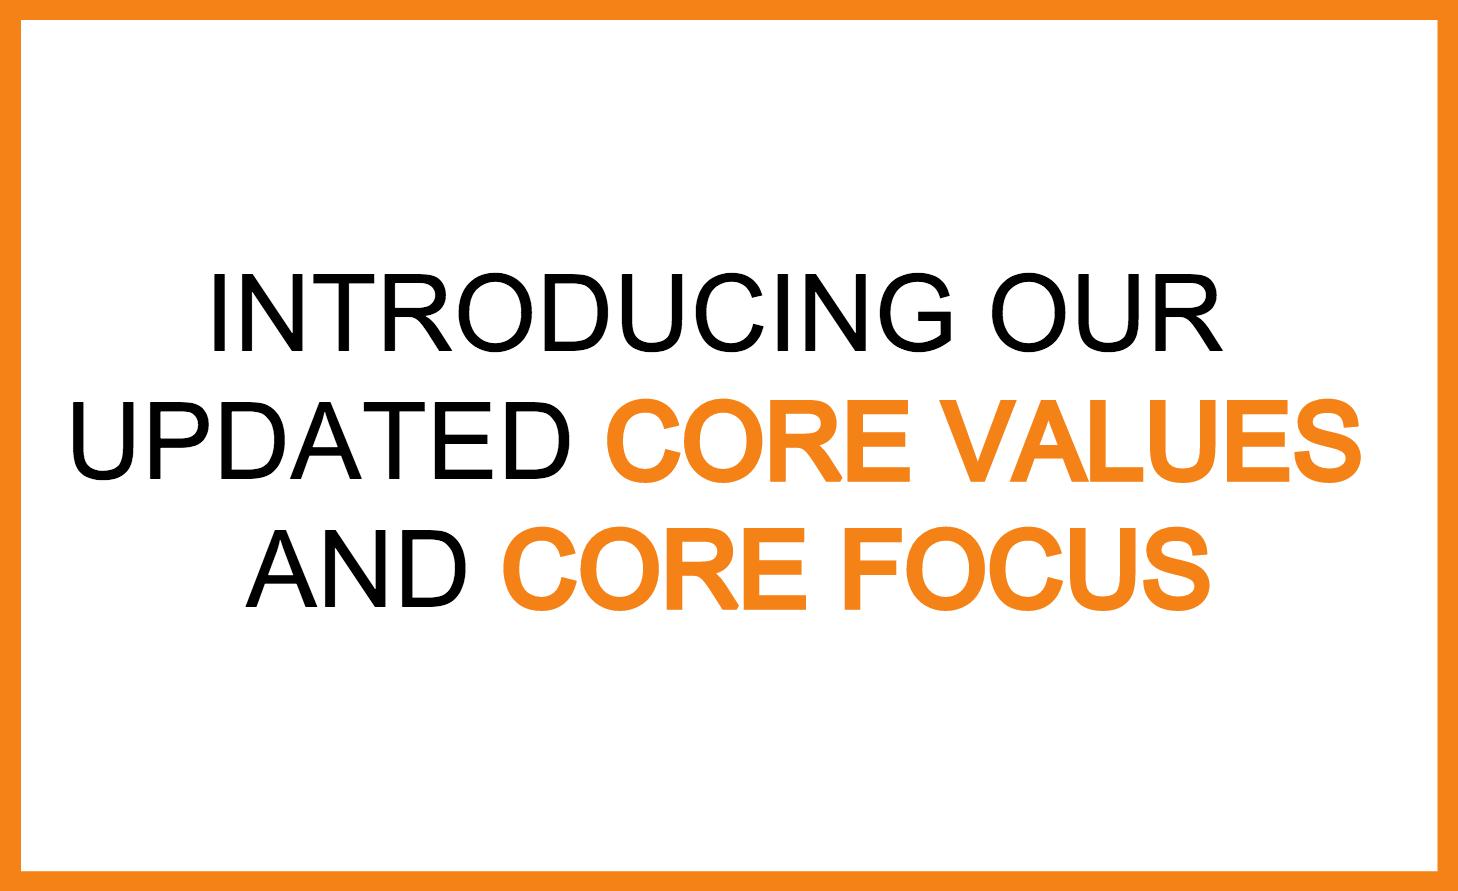 core values focus.png